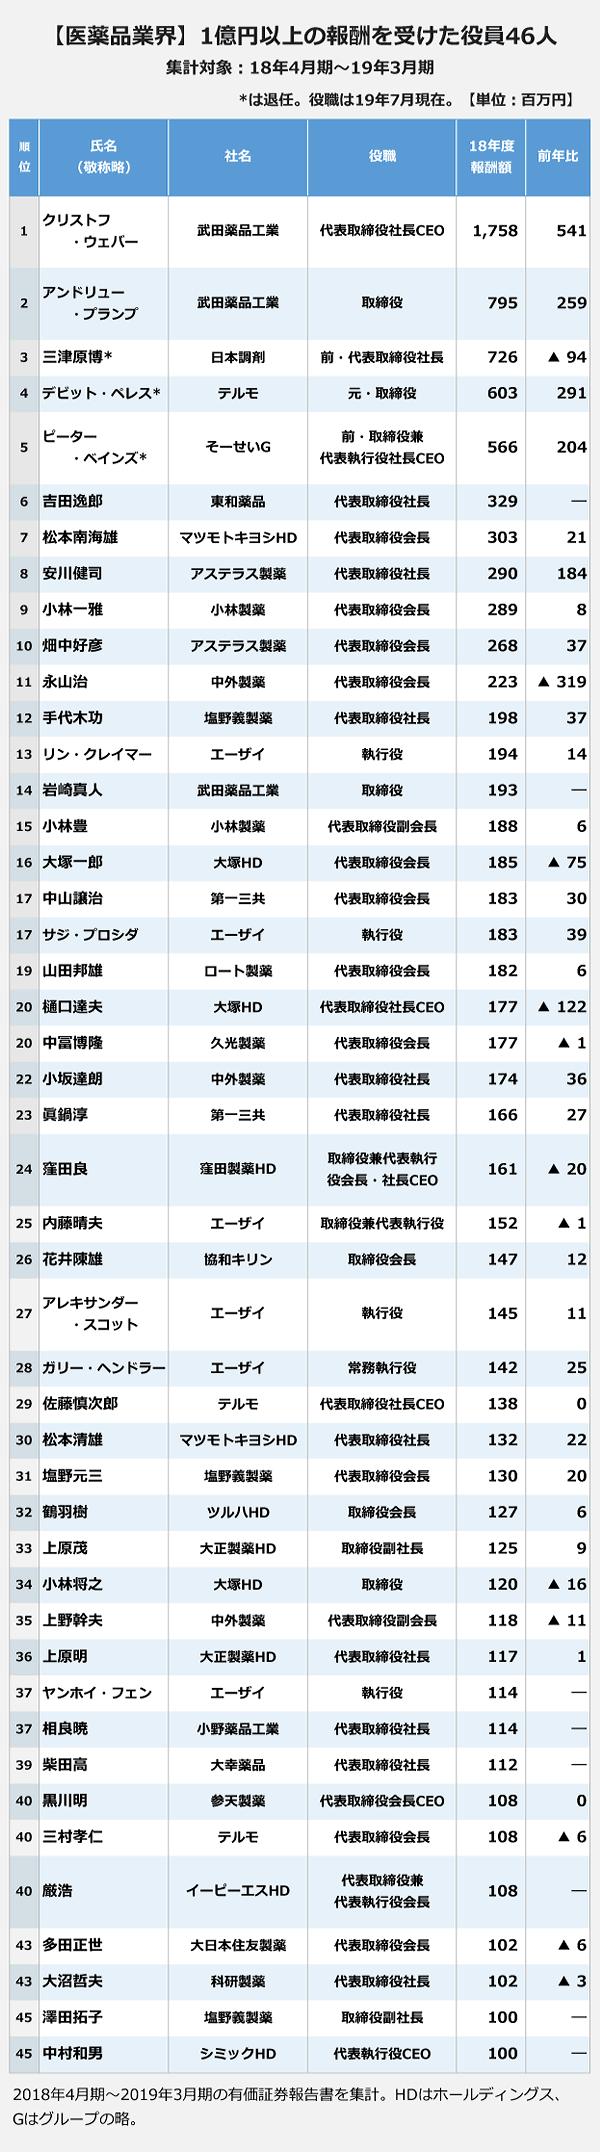 【医薬品業界】1億円以上の報酬を受けた役員46人